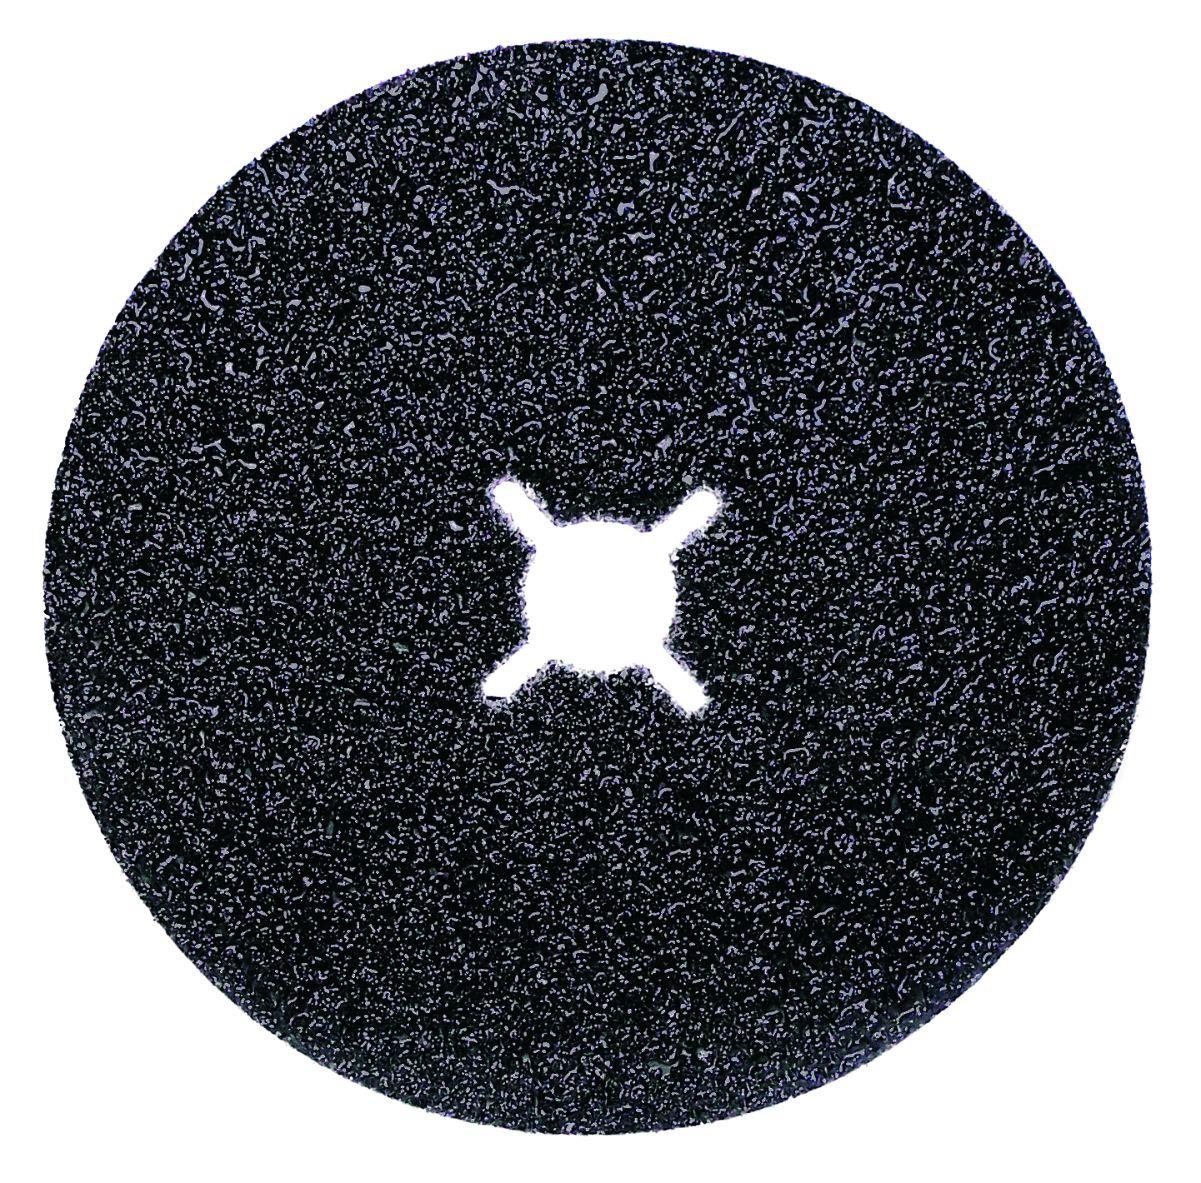 janser gmbh professionelle fussbodentechnik klettschleifscheiben 178 top qualit t k 24. Black Bedroom Furniture Sets. Home Design Ideas